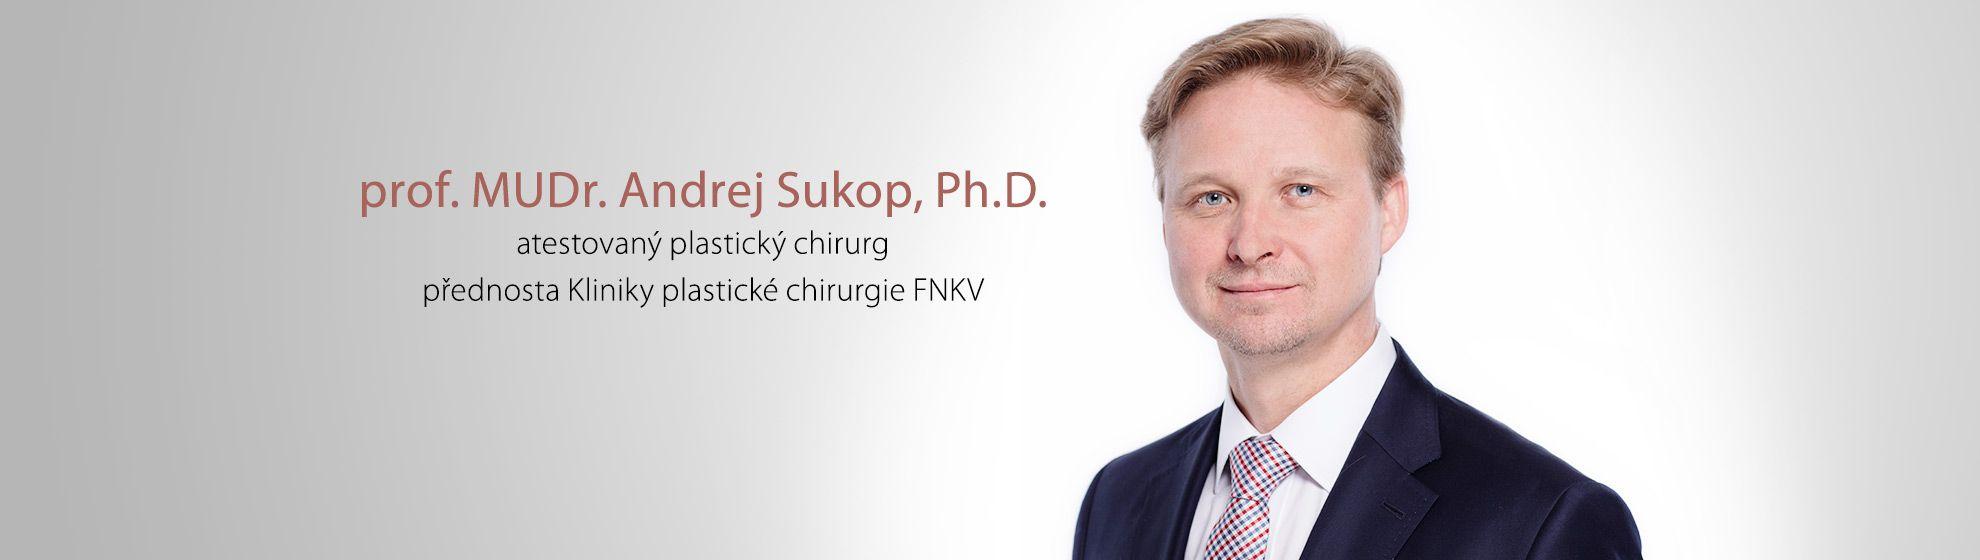 prof. MUDr. Andrej Sukop Ph.D.